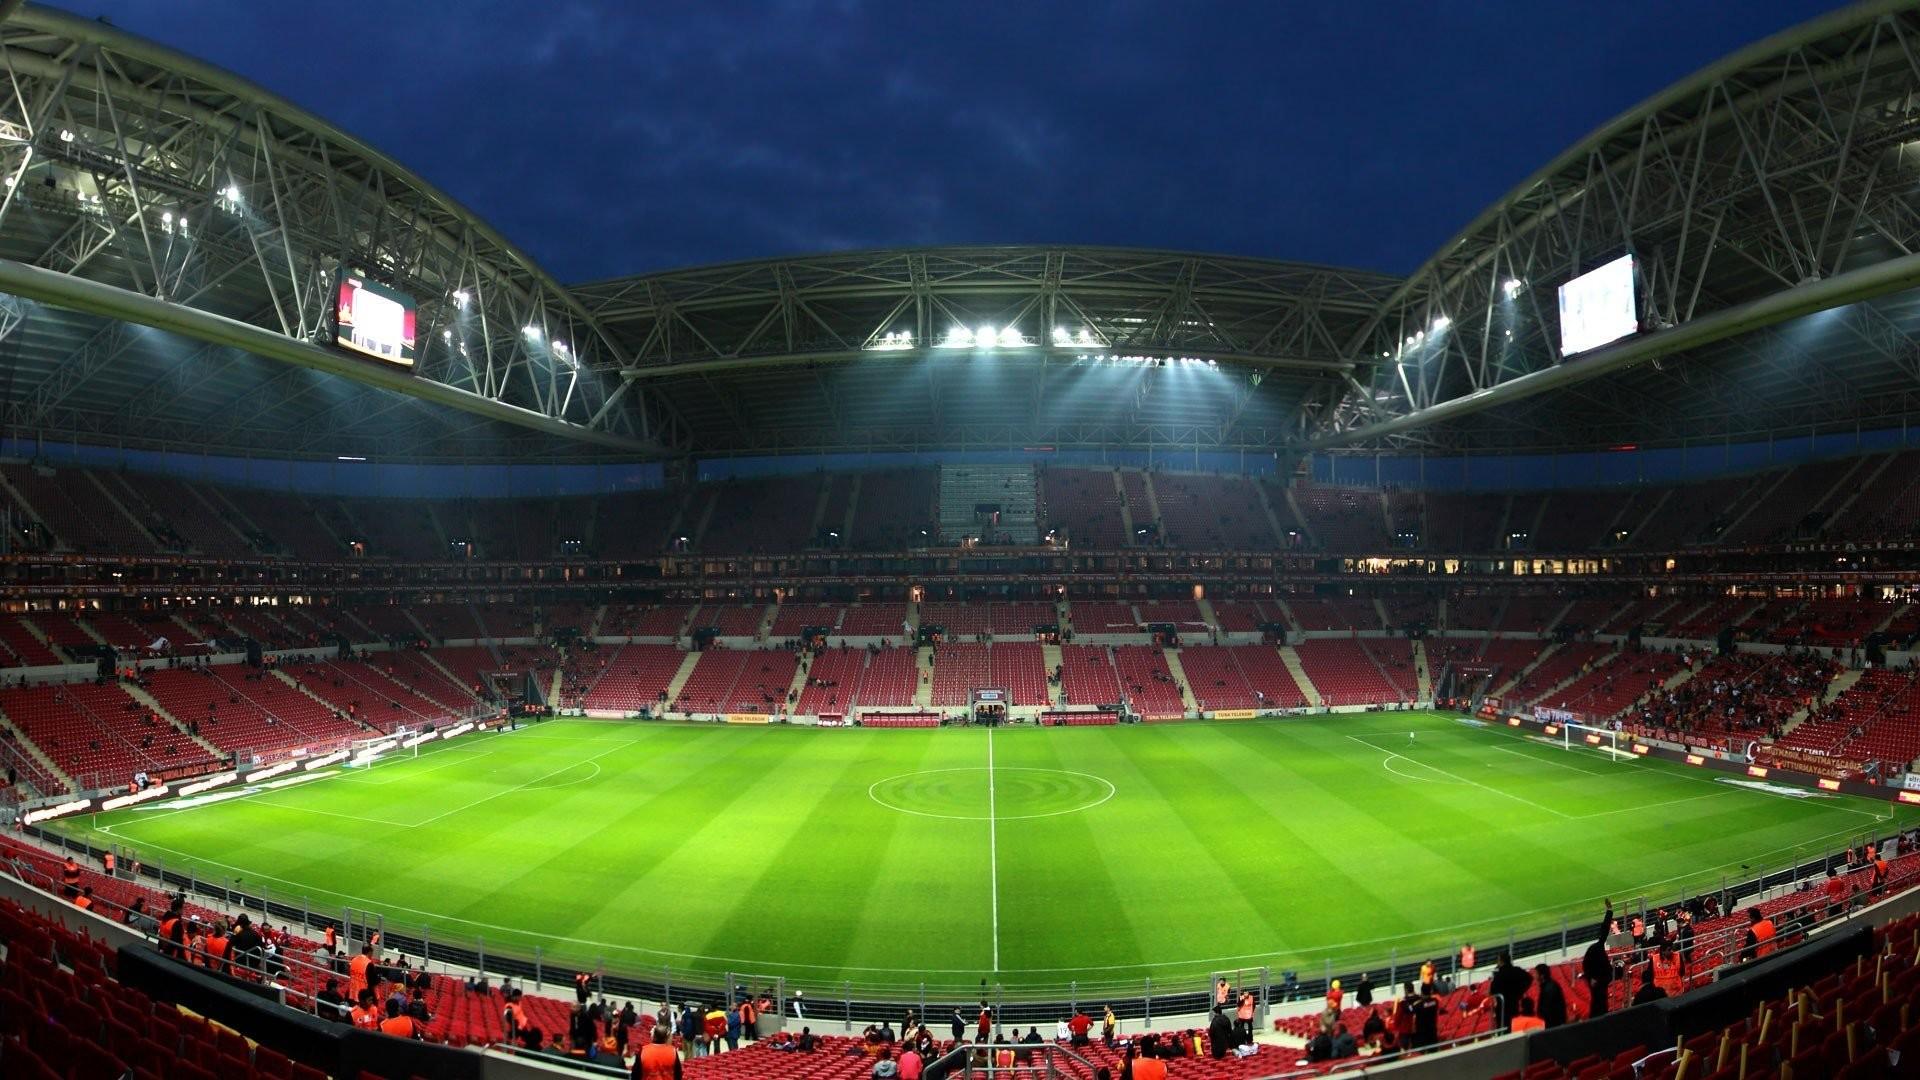 Football stadium wallpaper 66 images - Soccer stadium hd ...